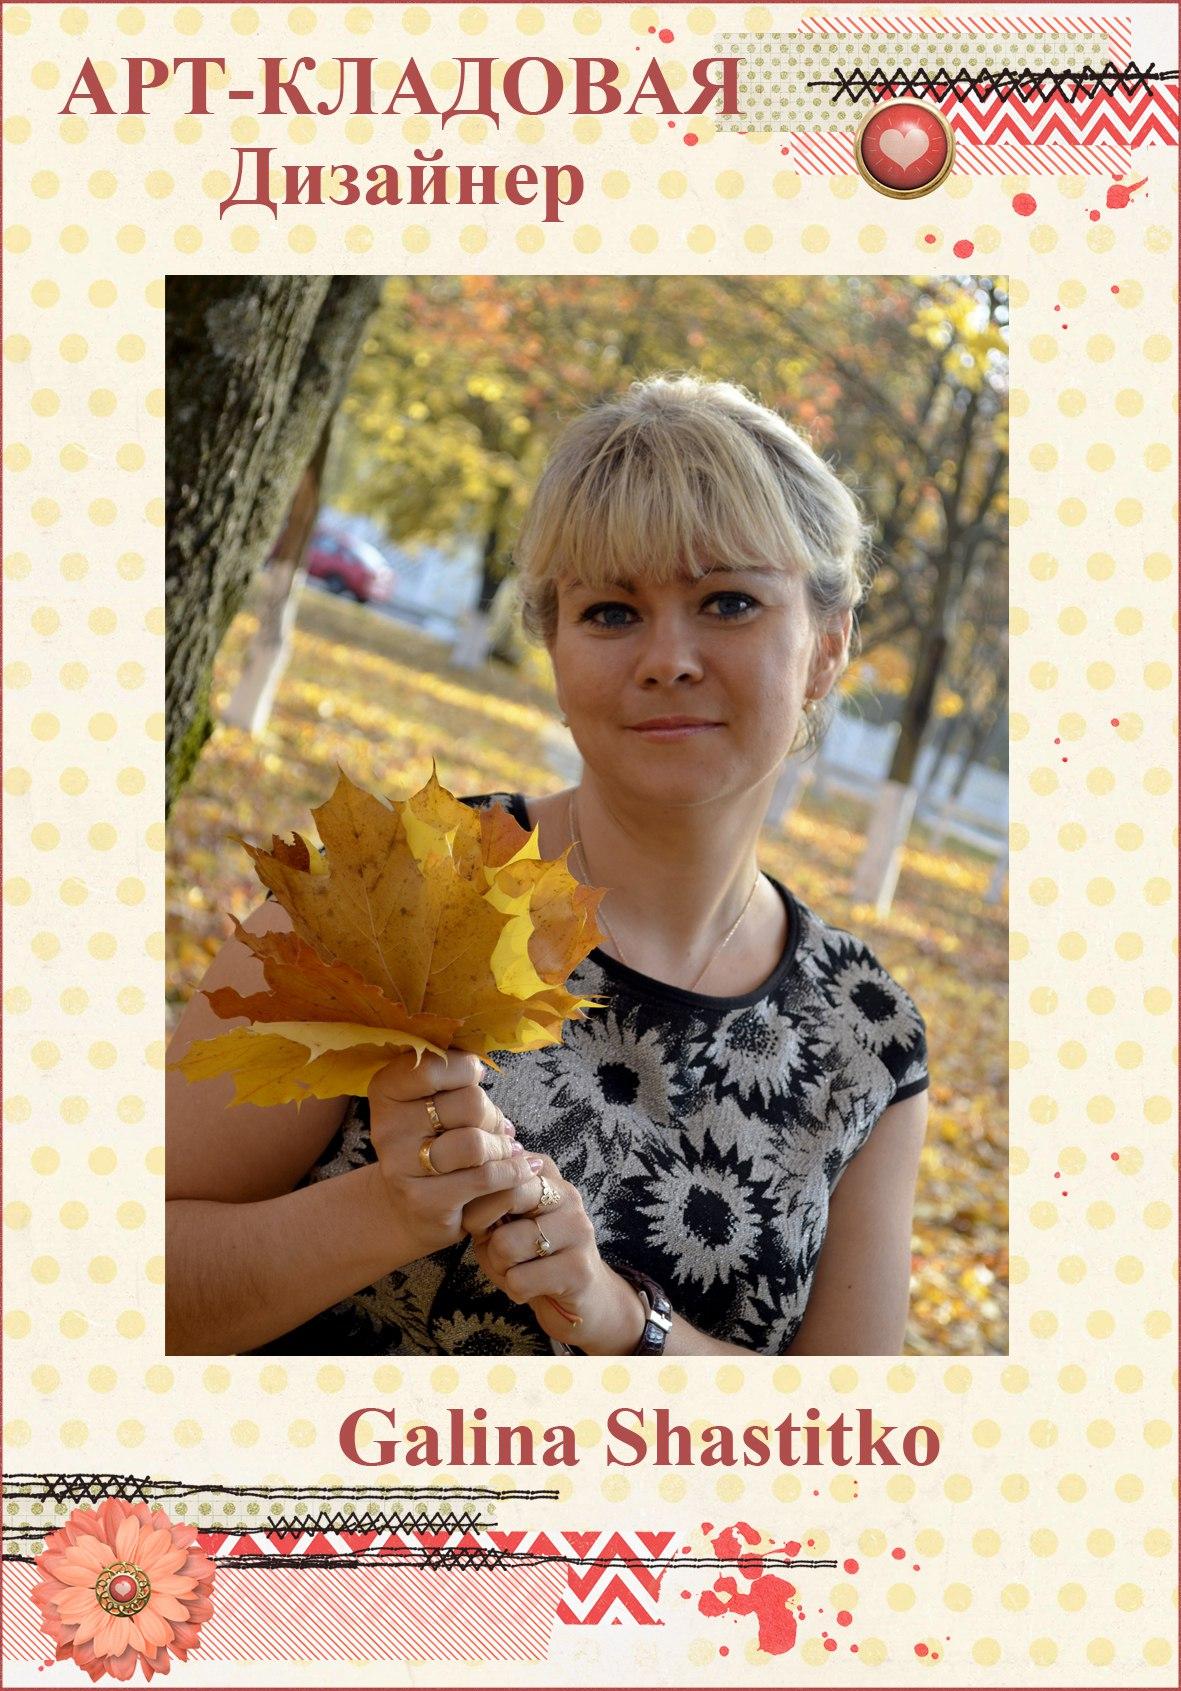 Galina Shastitko